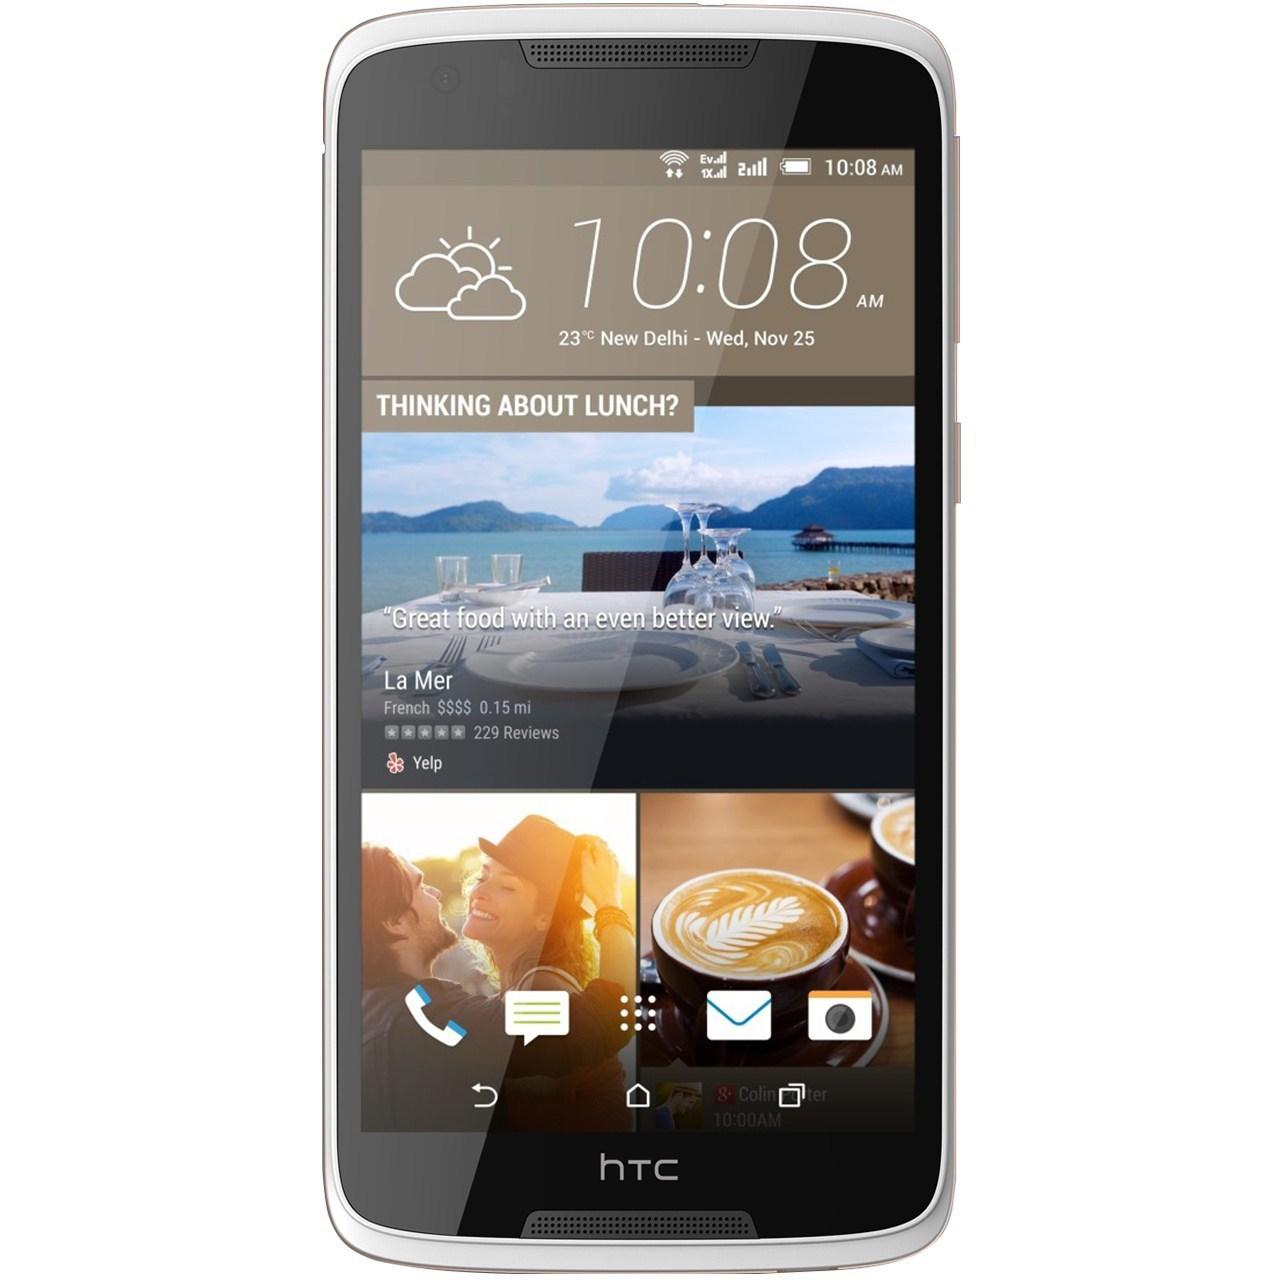 گوشی موبایل اچ تی سی مدل Desire 828 دو سیمکارت ظرفیت 32 گیگابایت | HTC Desire 828 Dual SIM 32GB Mobile Phone